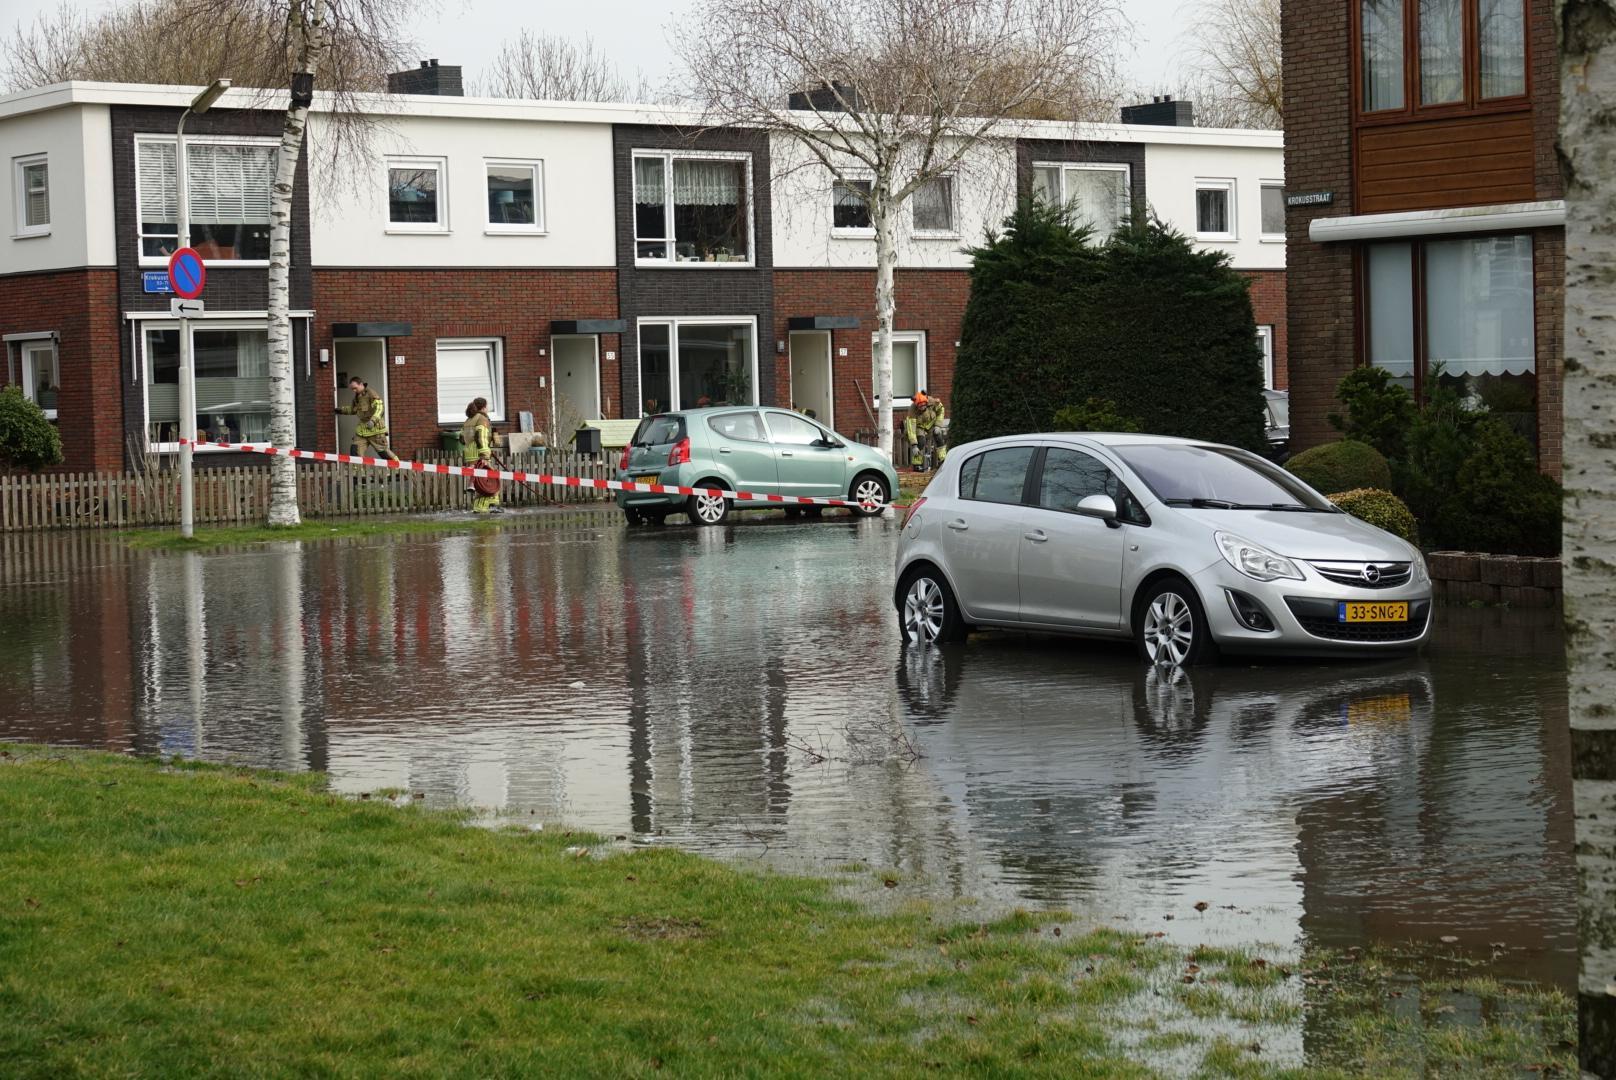 Straten onder water in Wormerveer door gesprongen waterleiding, vader en twee kinderen fietsen in sinkhole [video]